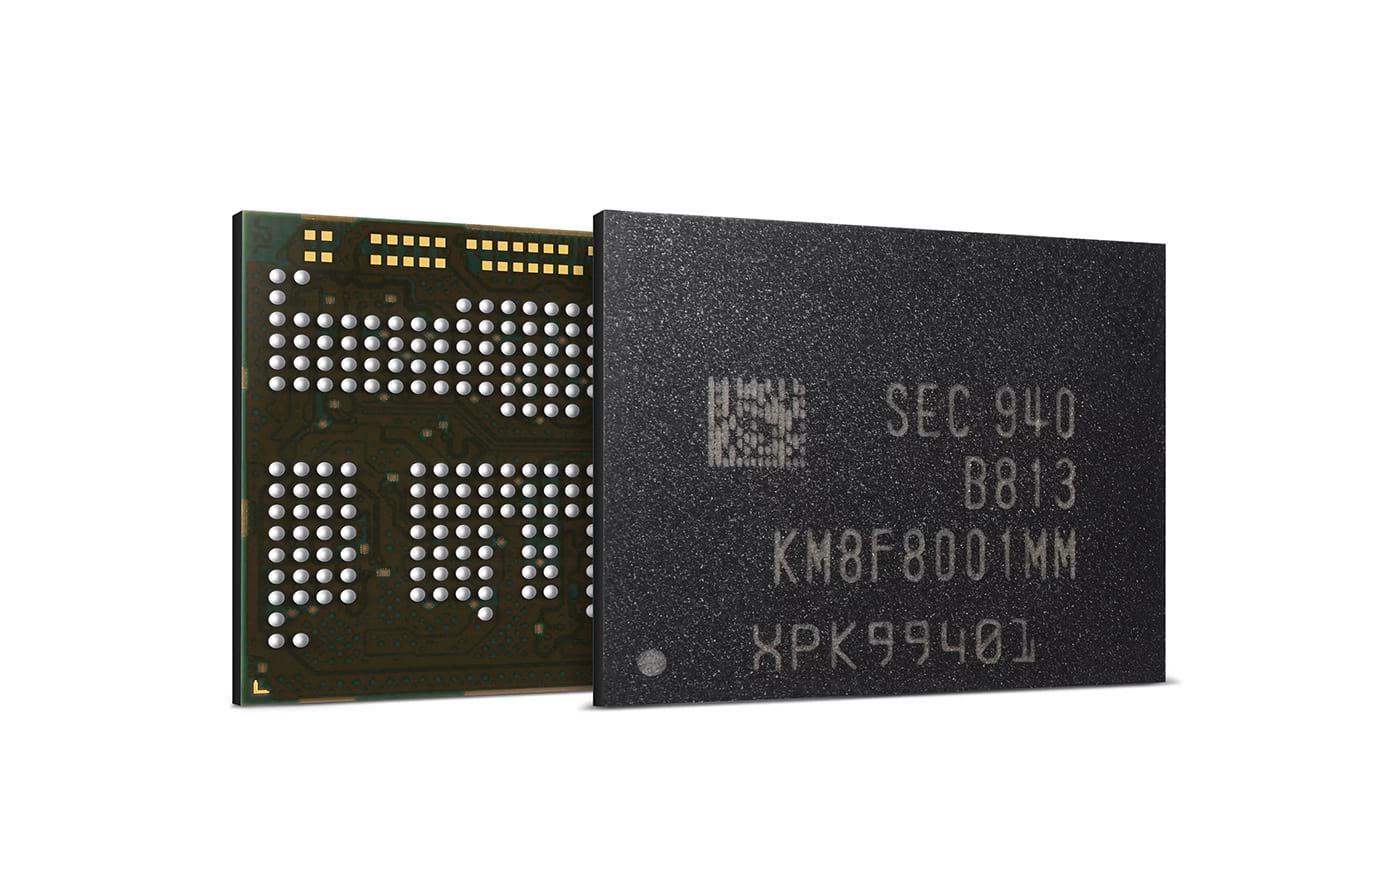 Smartphones intermediários da Samsung devem trazer UFS 3.0 e 12GB de RAM em 2020